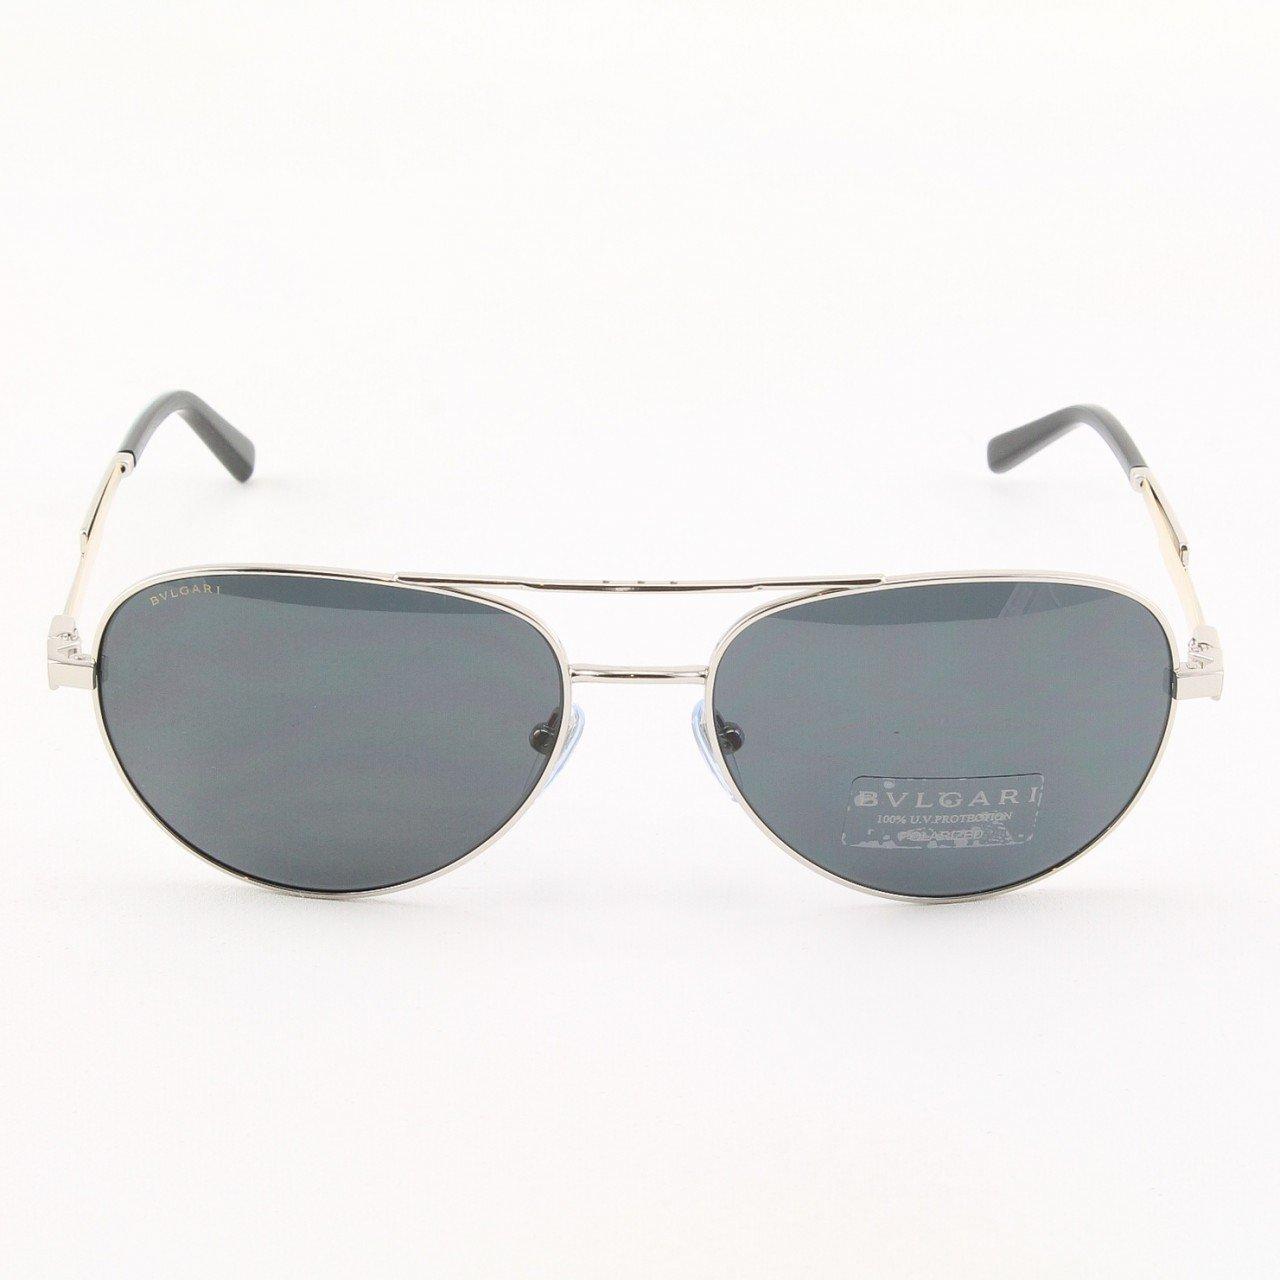 BULGARI BV5022K 408381 Titanium Platinum Aviator Sunglasses with Black Polarized Lenses 60mm